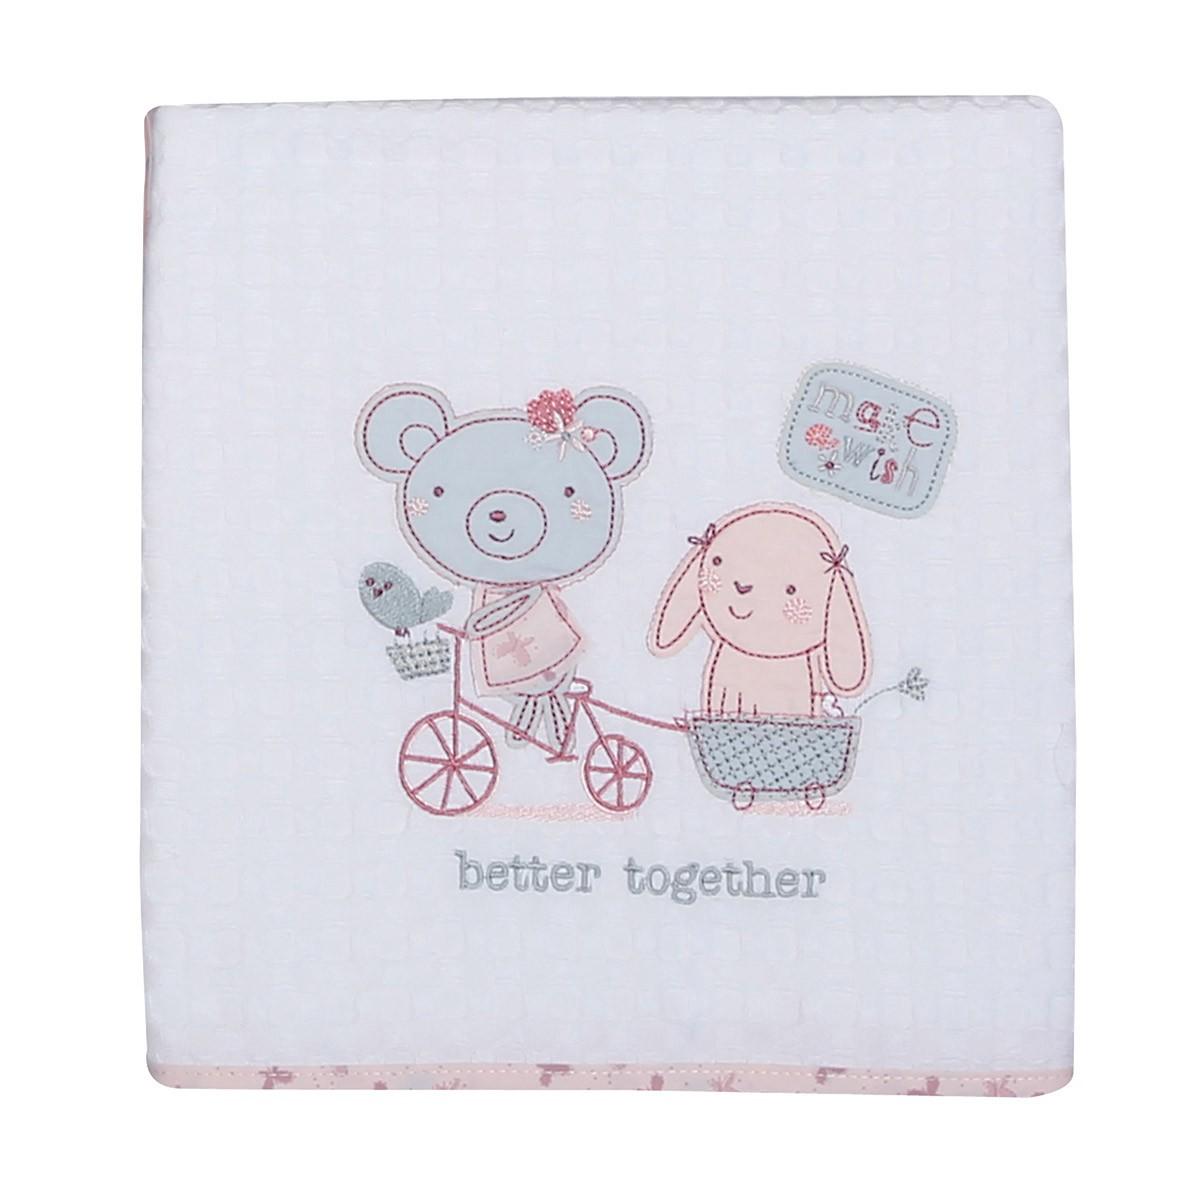 Κουβέρτα Πικέ Αγκαλιάς Nef-Nef Baby Better Together